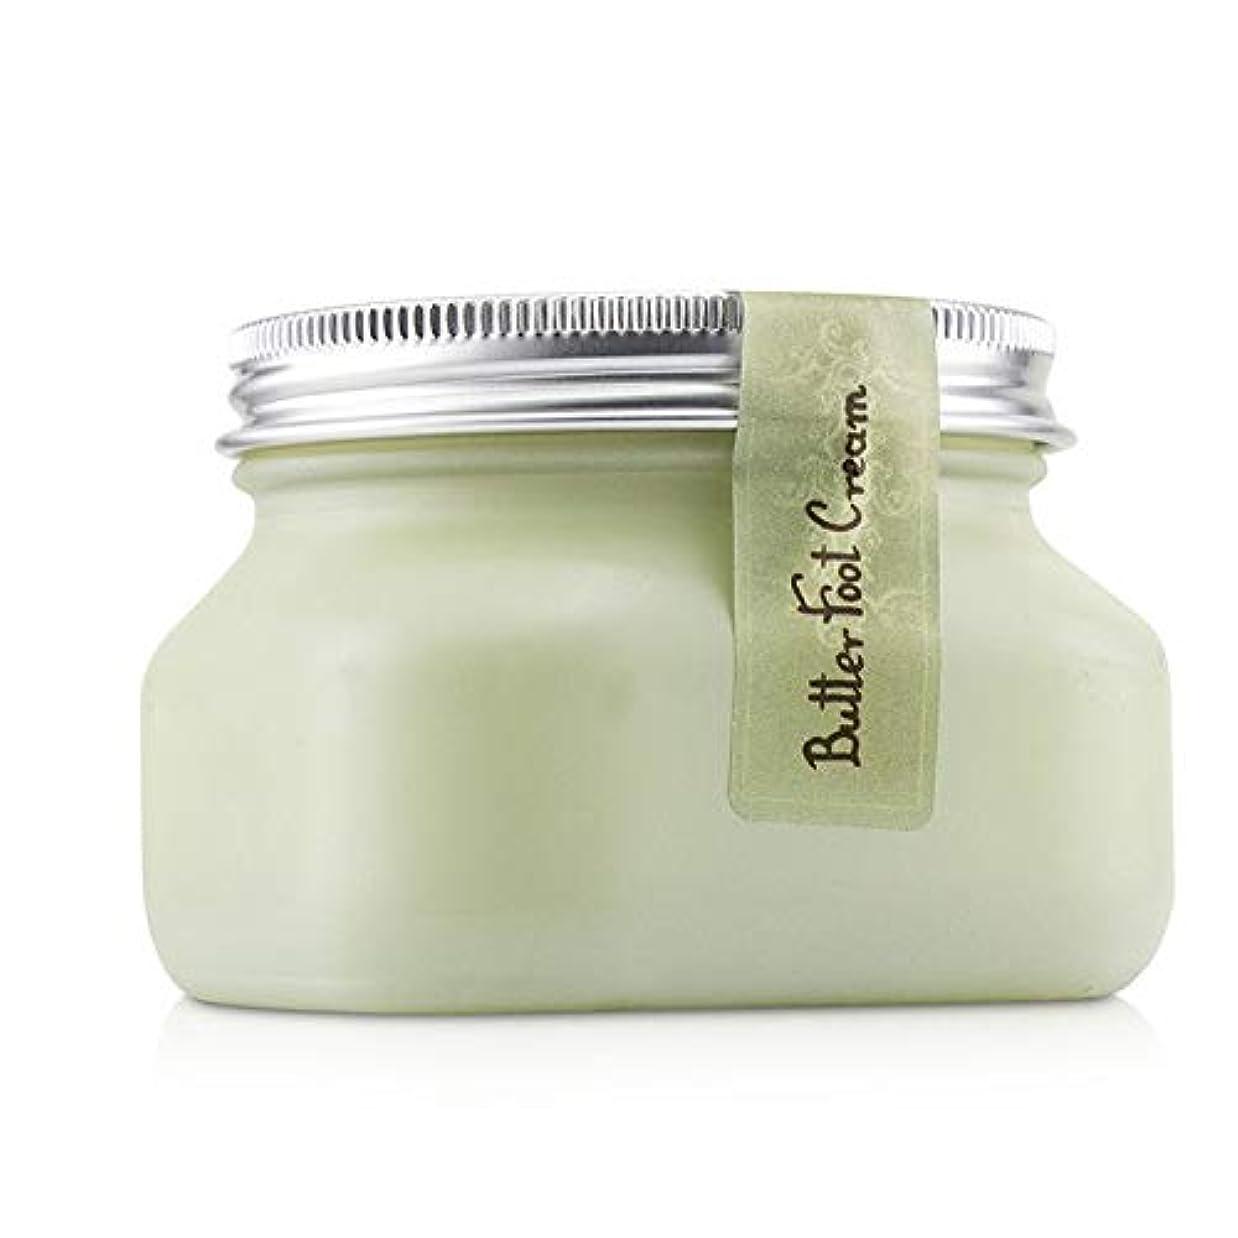 ブルロール静脈サボン Butter Foot Cream 150ml/5.27oz並行輸入品